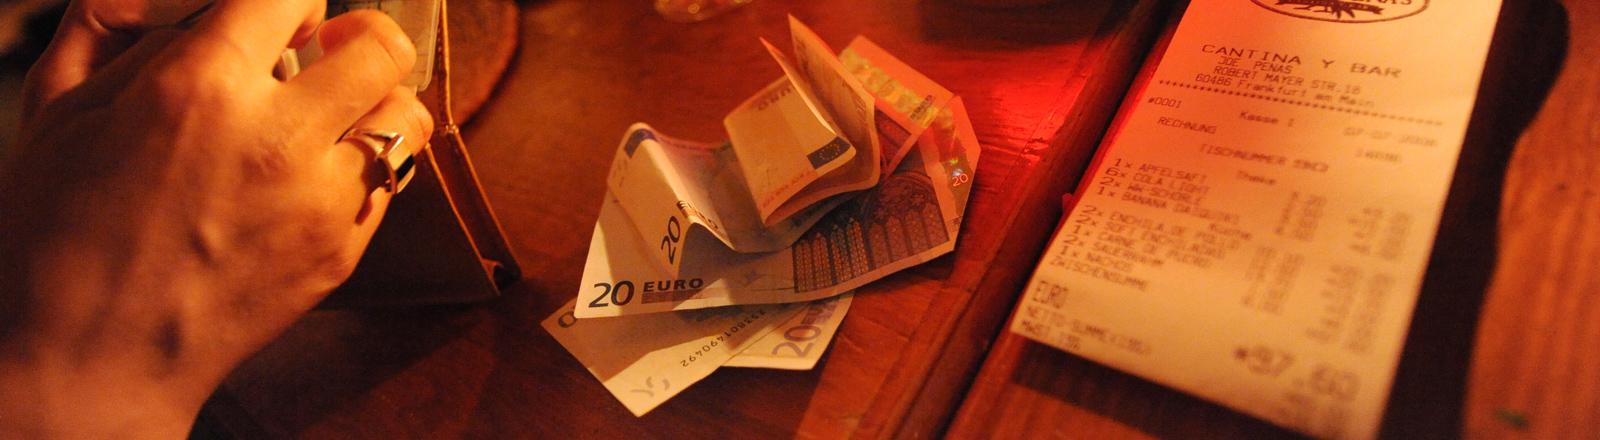 Eine Frau bezahlt in einem Restaurant die Rechnung.